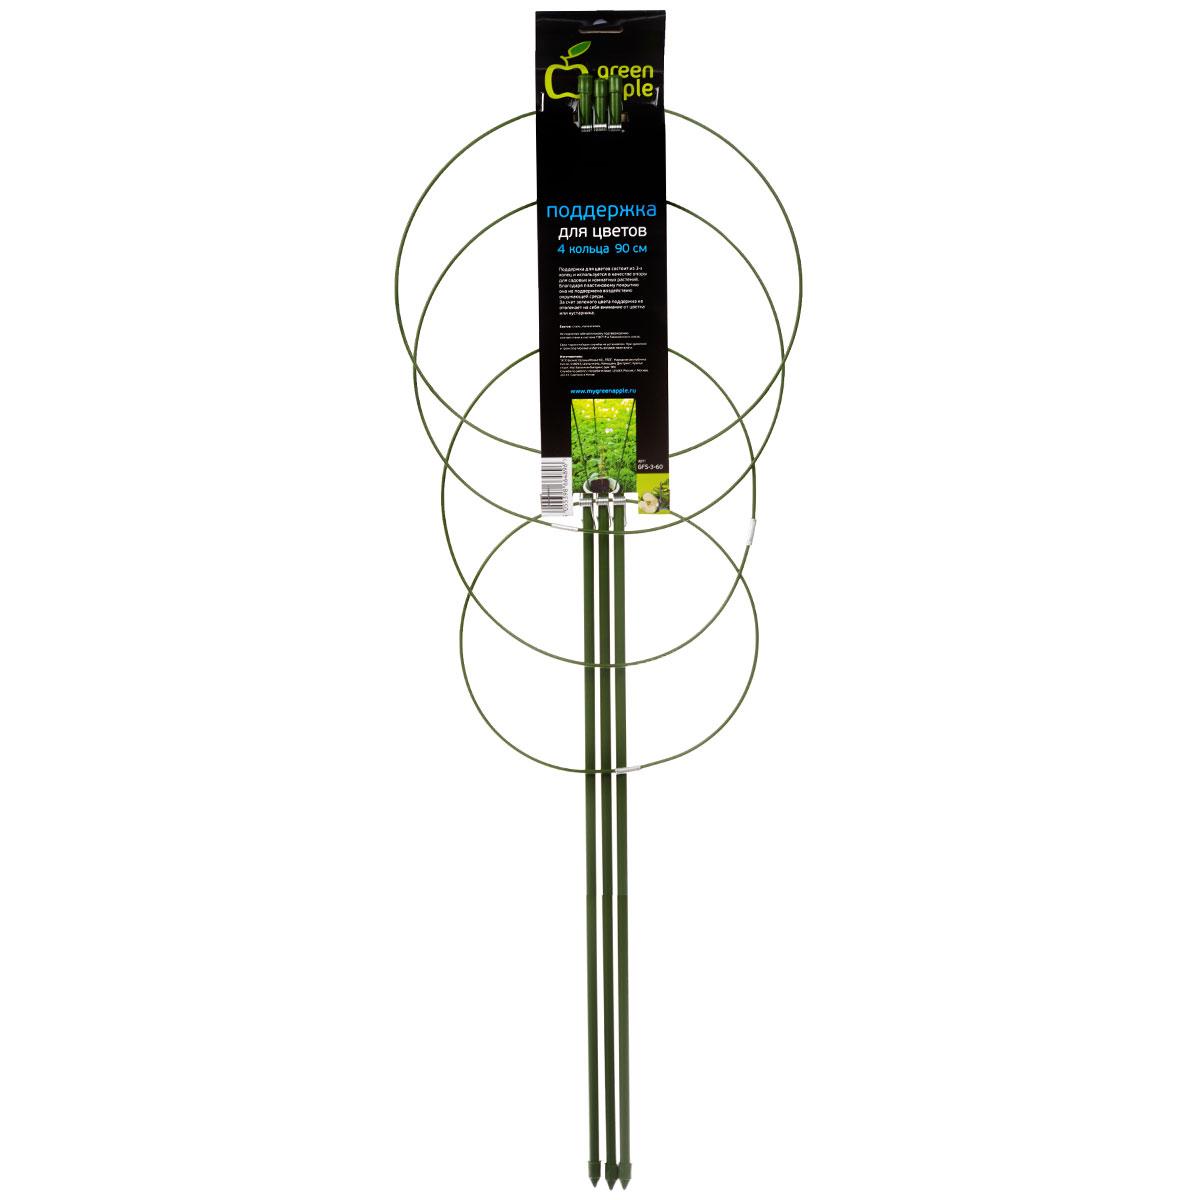 Поддержка для цветов 4 кольца Green Apple GFS-4-90, 90 см1366452Поддержка для цветов состоит из 4-х колец и используется в качестве опоры для садовых и комнатных растений. Благодаря пластиковому покрытию она не подвержена воздействию окружающей среды. За счет зеленого цвета поддержка не отвлекает на себя внимание от цветка или кустарника.